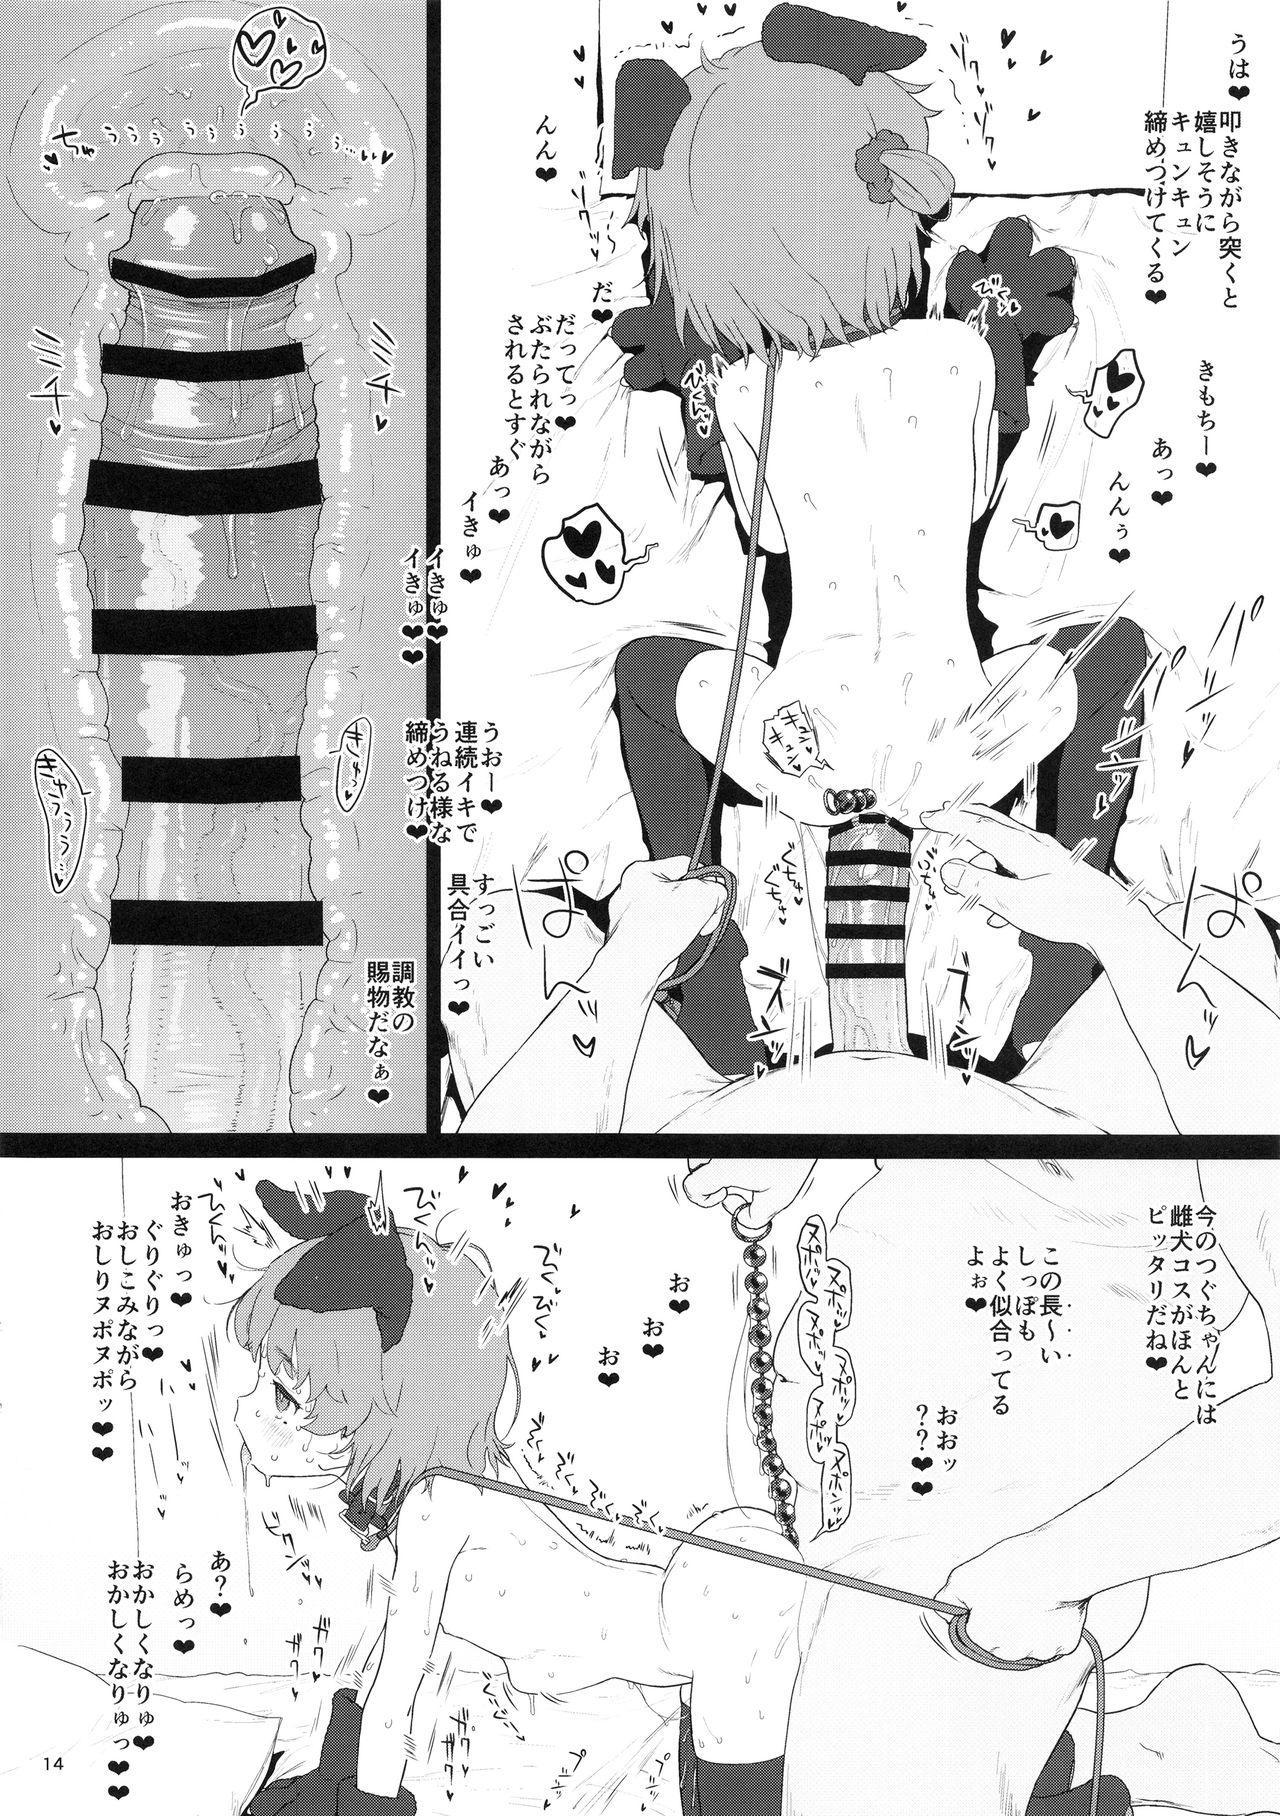 Tsugu-chan ga Kowareru made Asonda yo 13